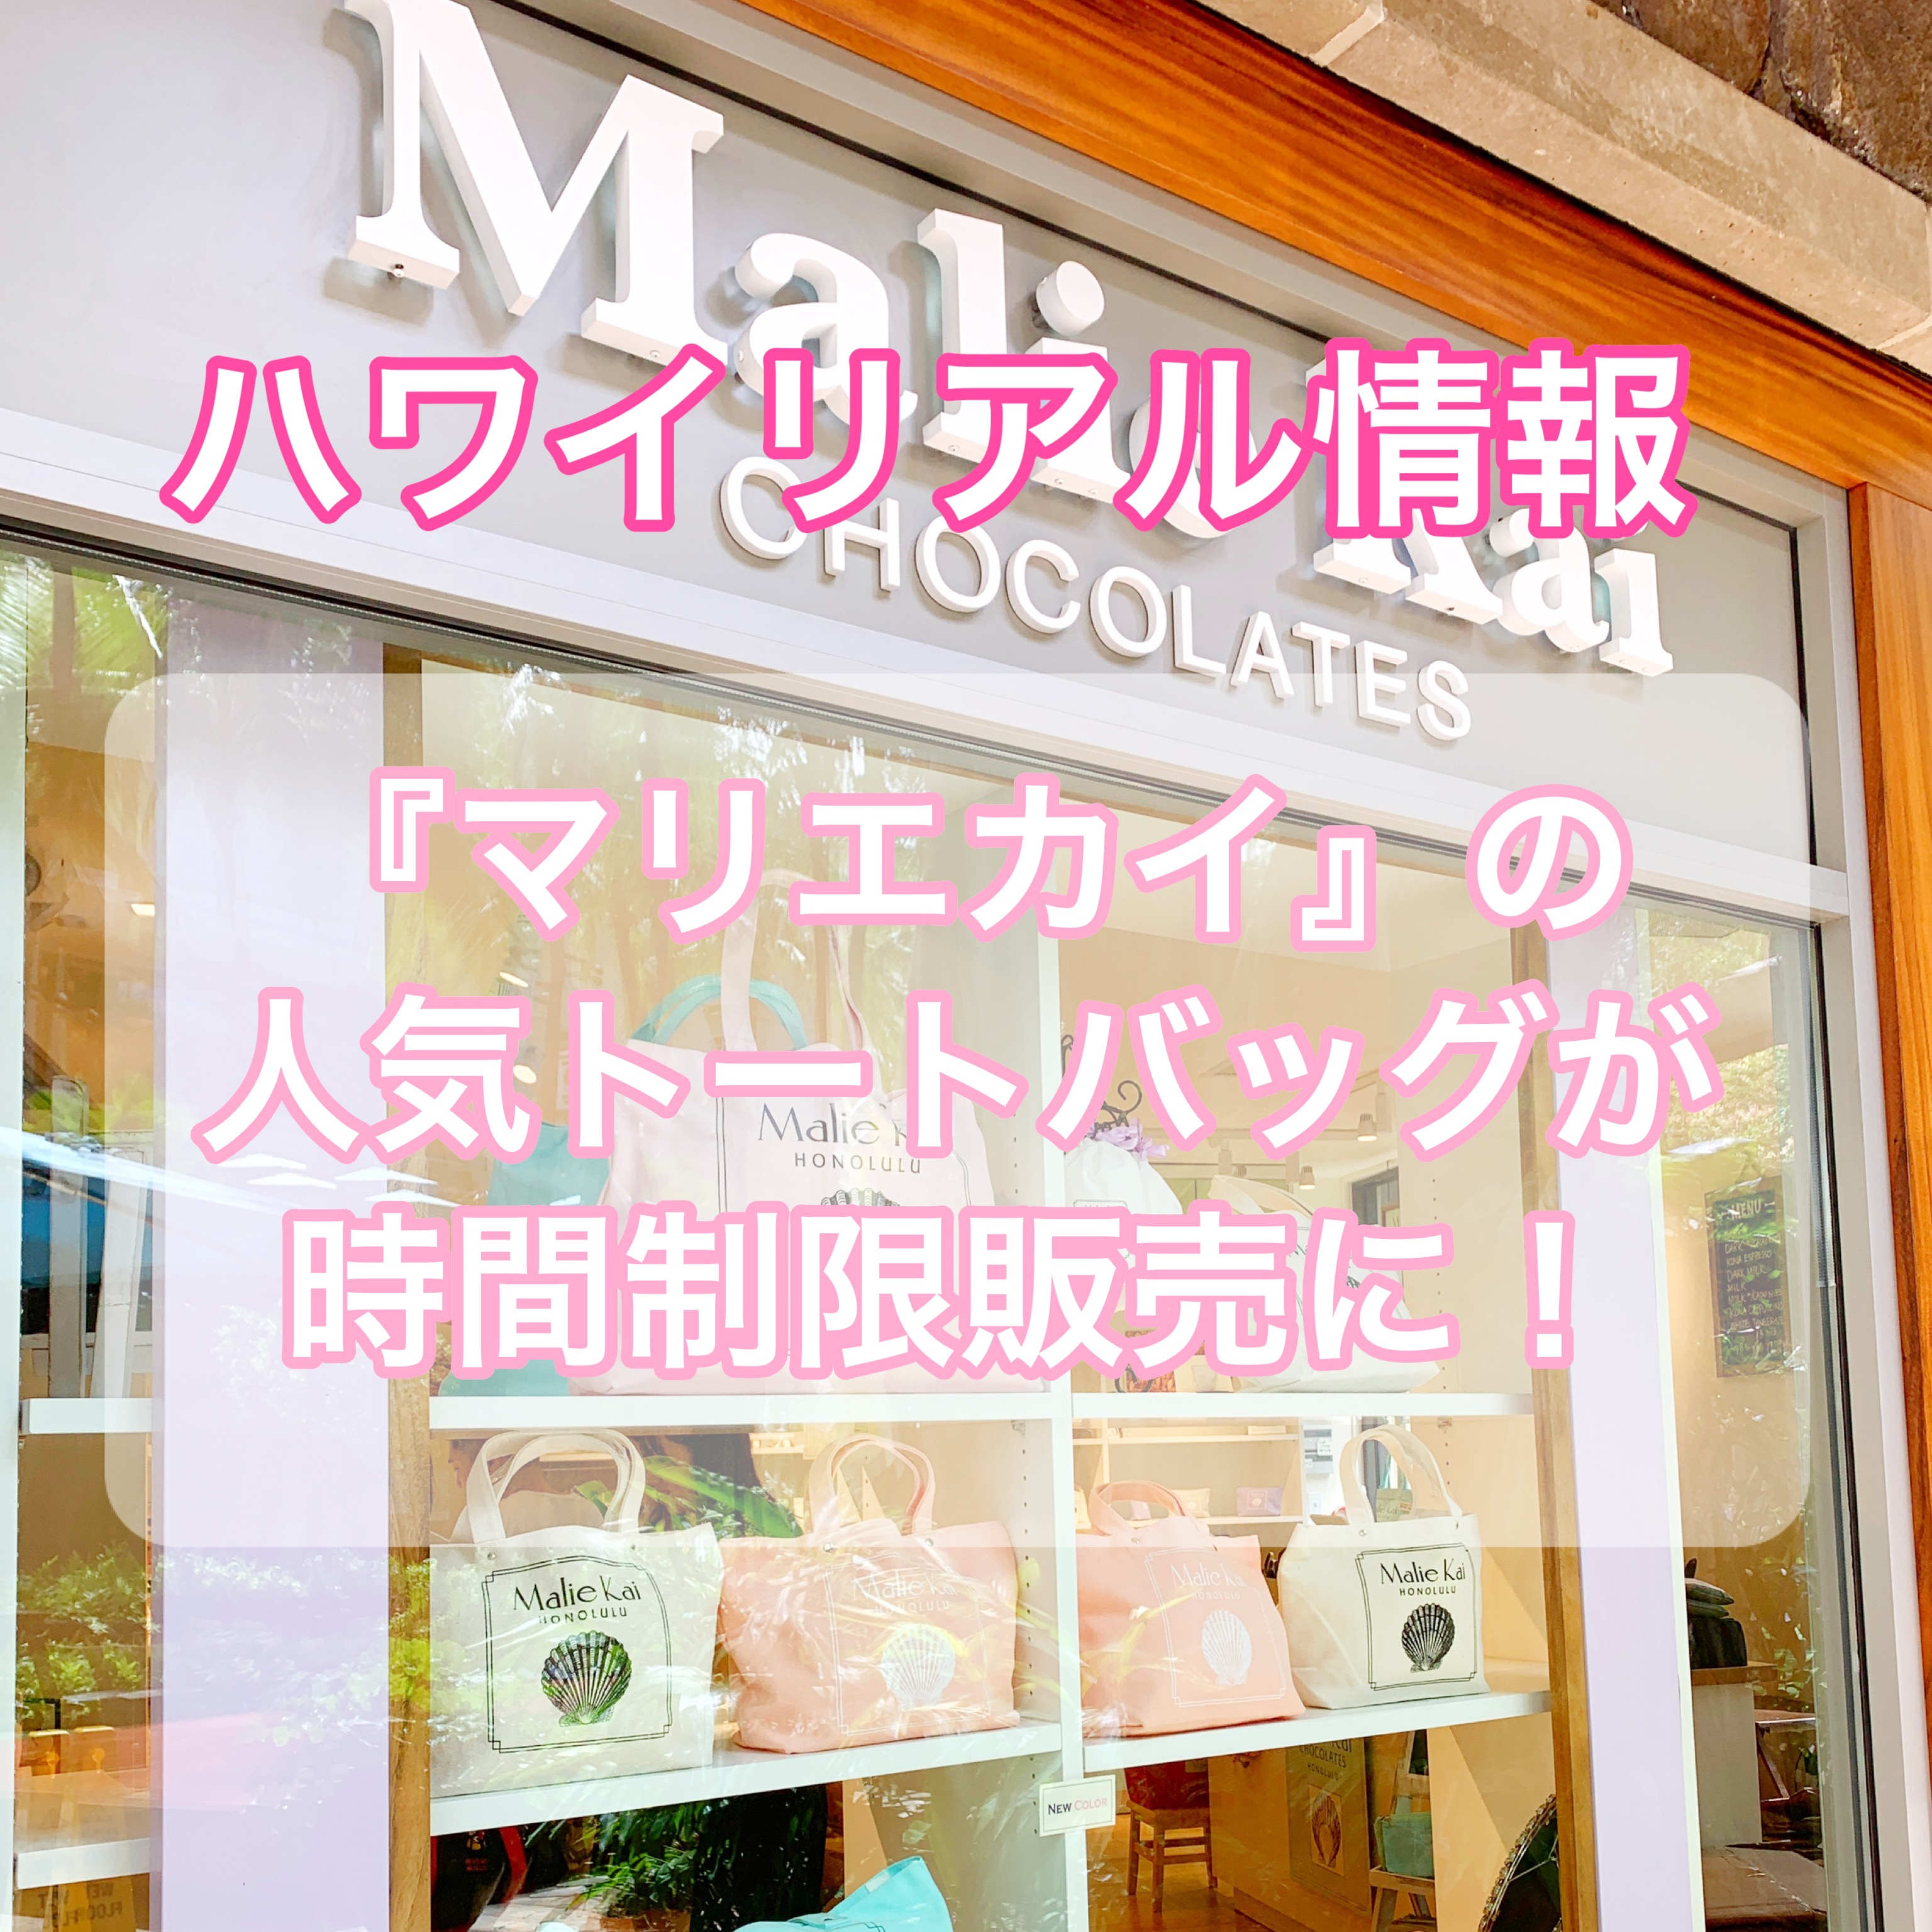 【ハワイ土産】「マリエカイ・チョコレート」限定トートバッグの購入方法を徹底解説【Part1】